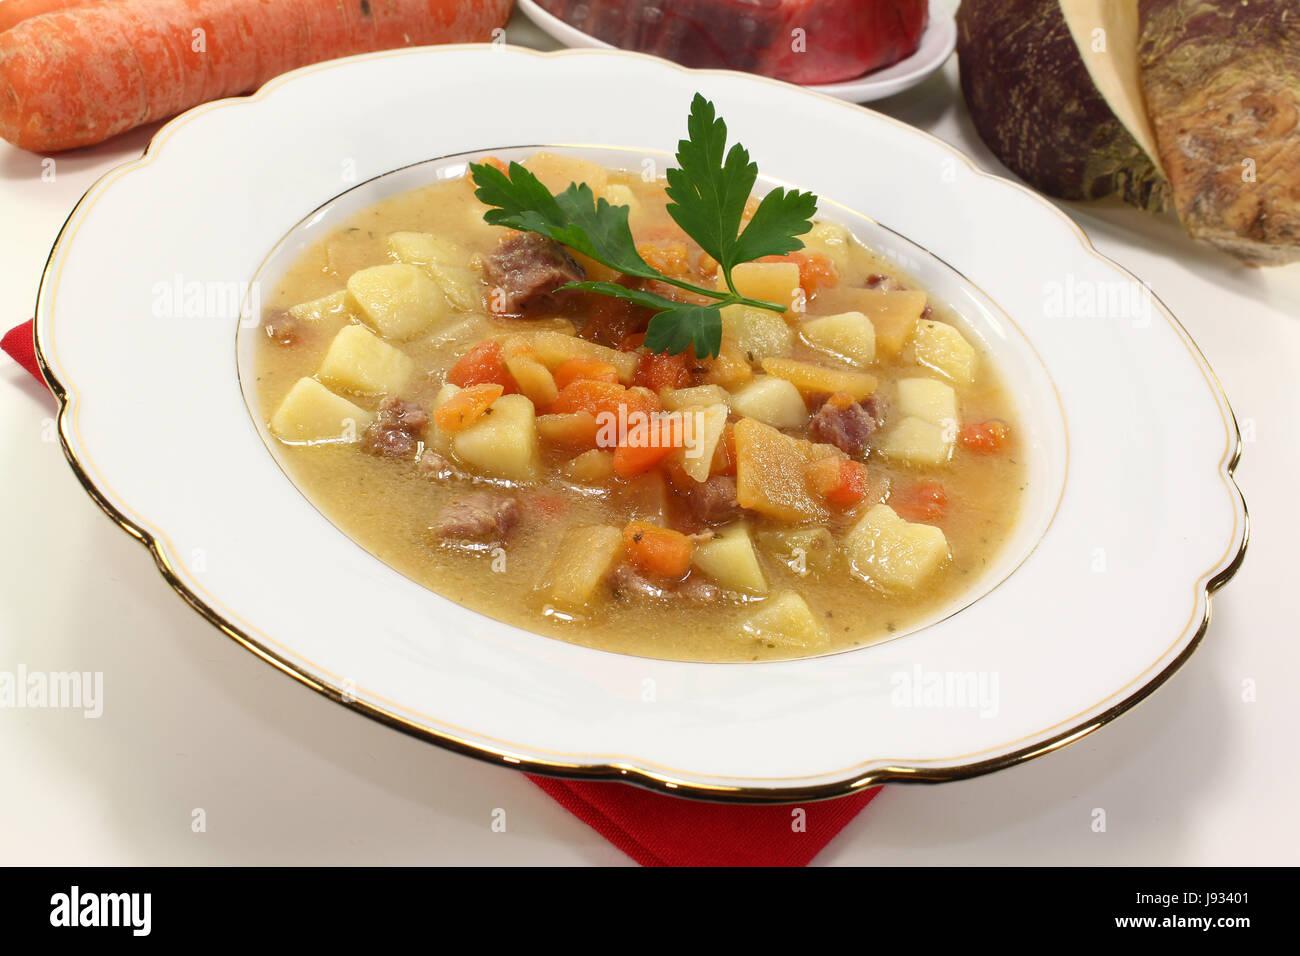 Kitchen Cuisine Soups